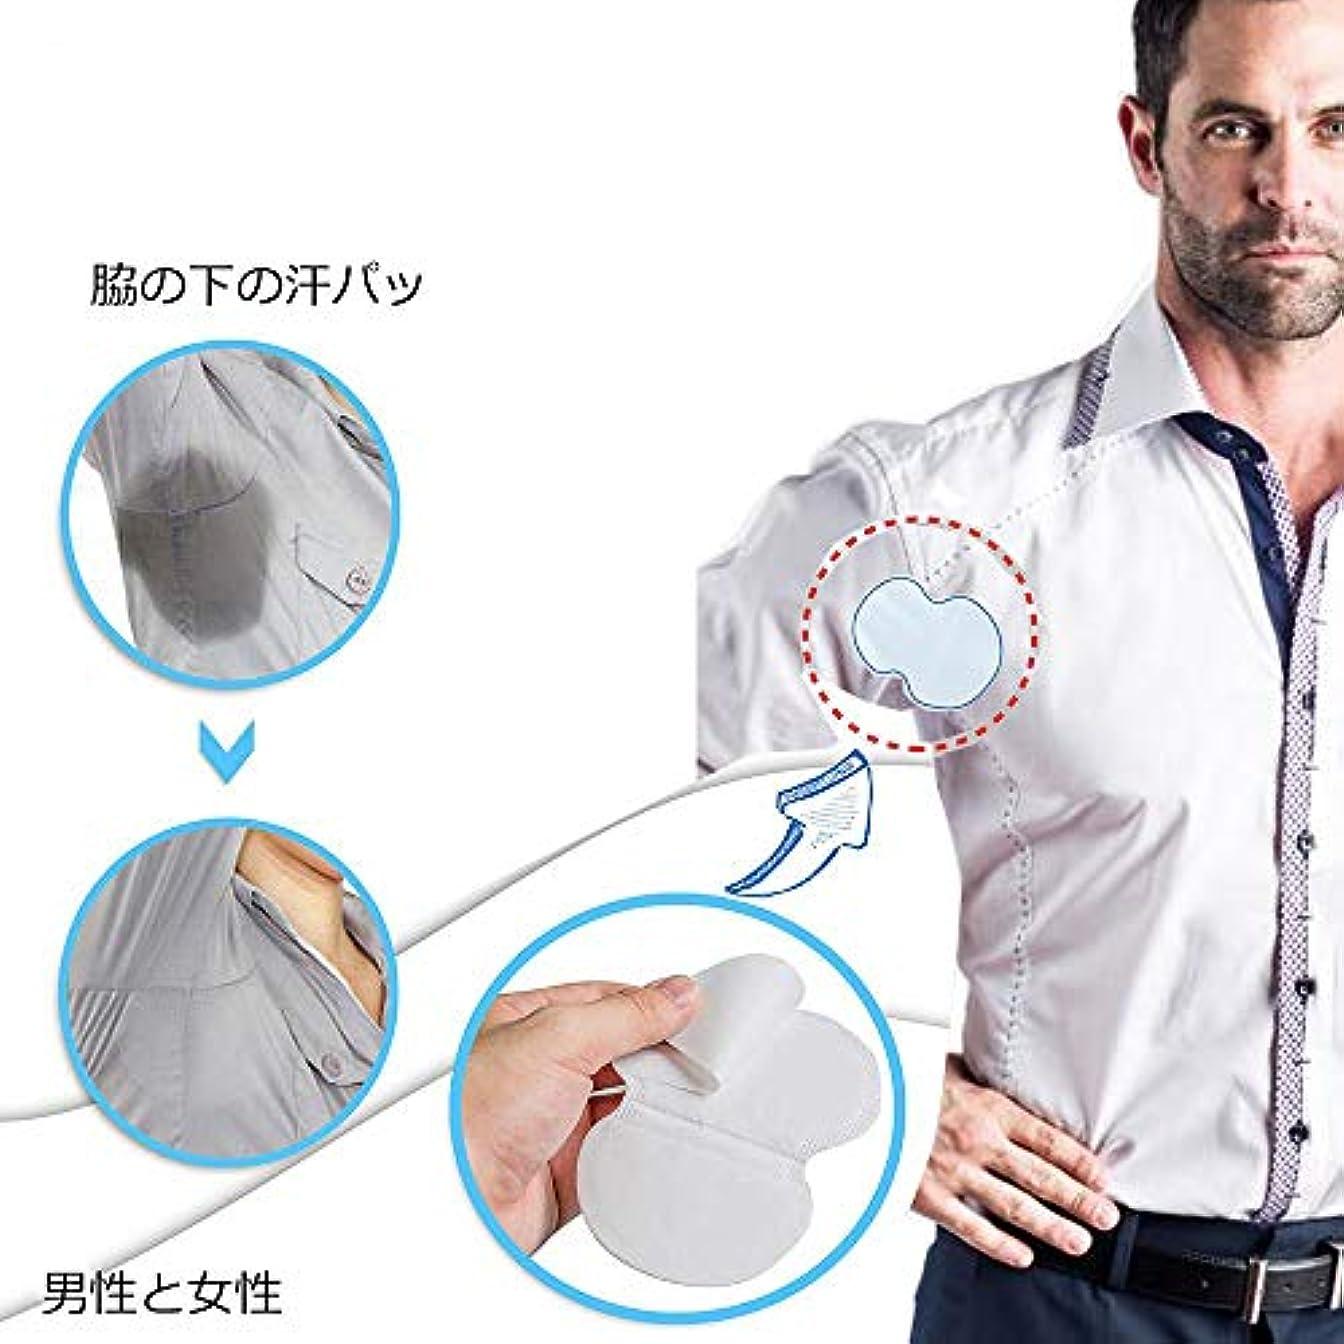 哀ハッピーページ脇の下の汗パッド - 男性と女性のための使い捨ての脇の下パッド脇の下の汗パッドと消臭香りの錠剤、目に見えないと余分な接着剤(100 PCS)